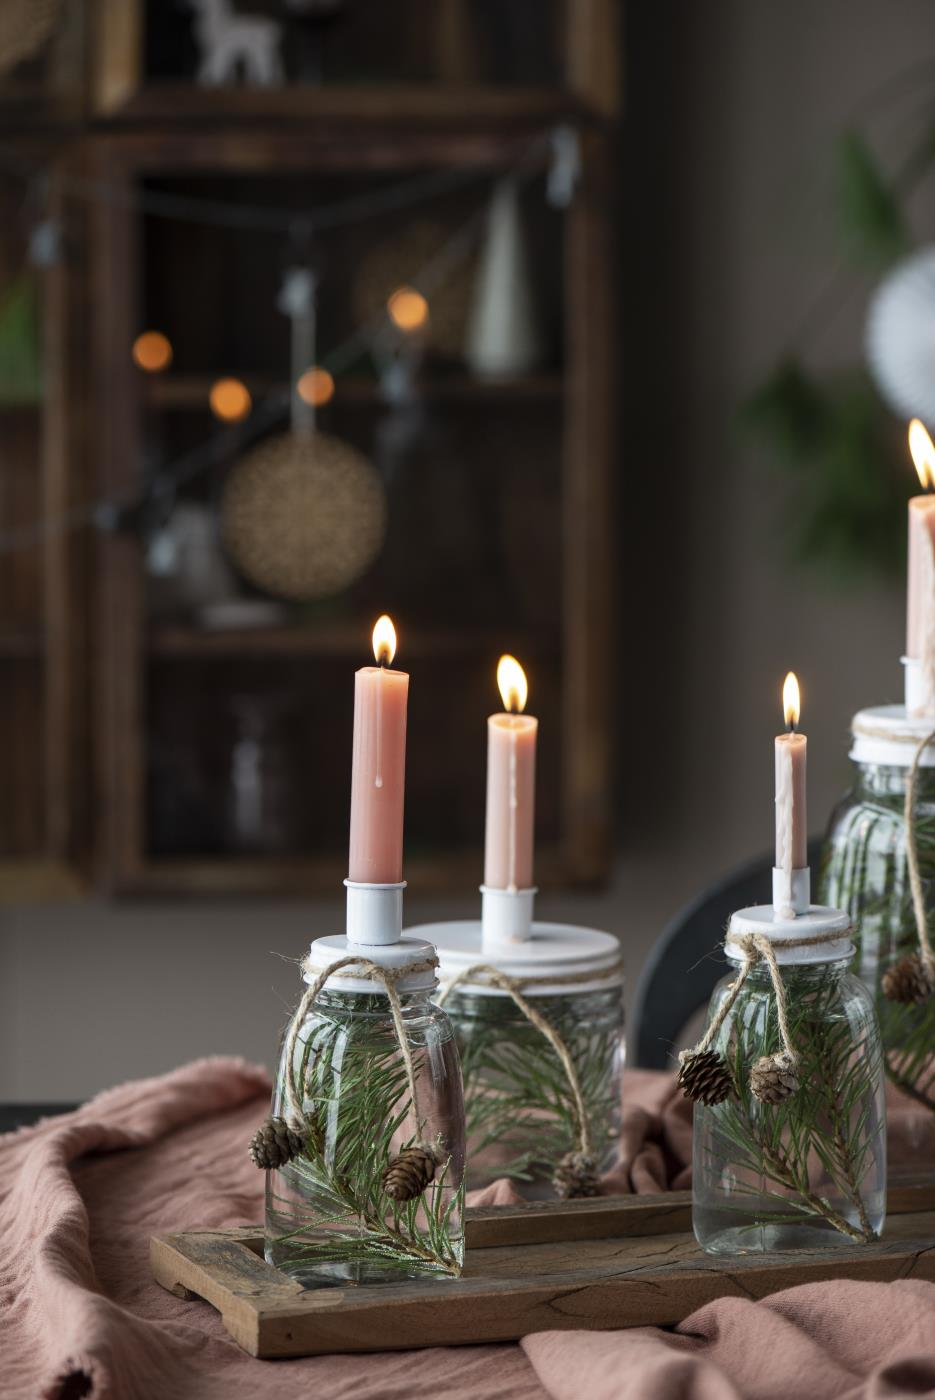 Kerzenhalter mit Schraubdeckel für Kerze Ø 1,3 cm